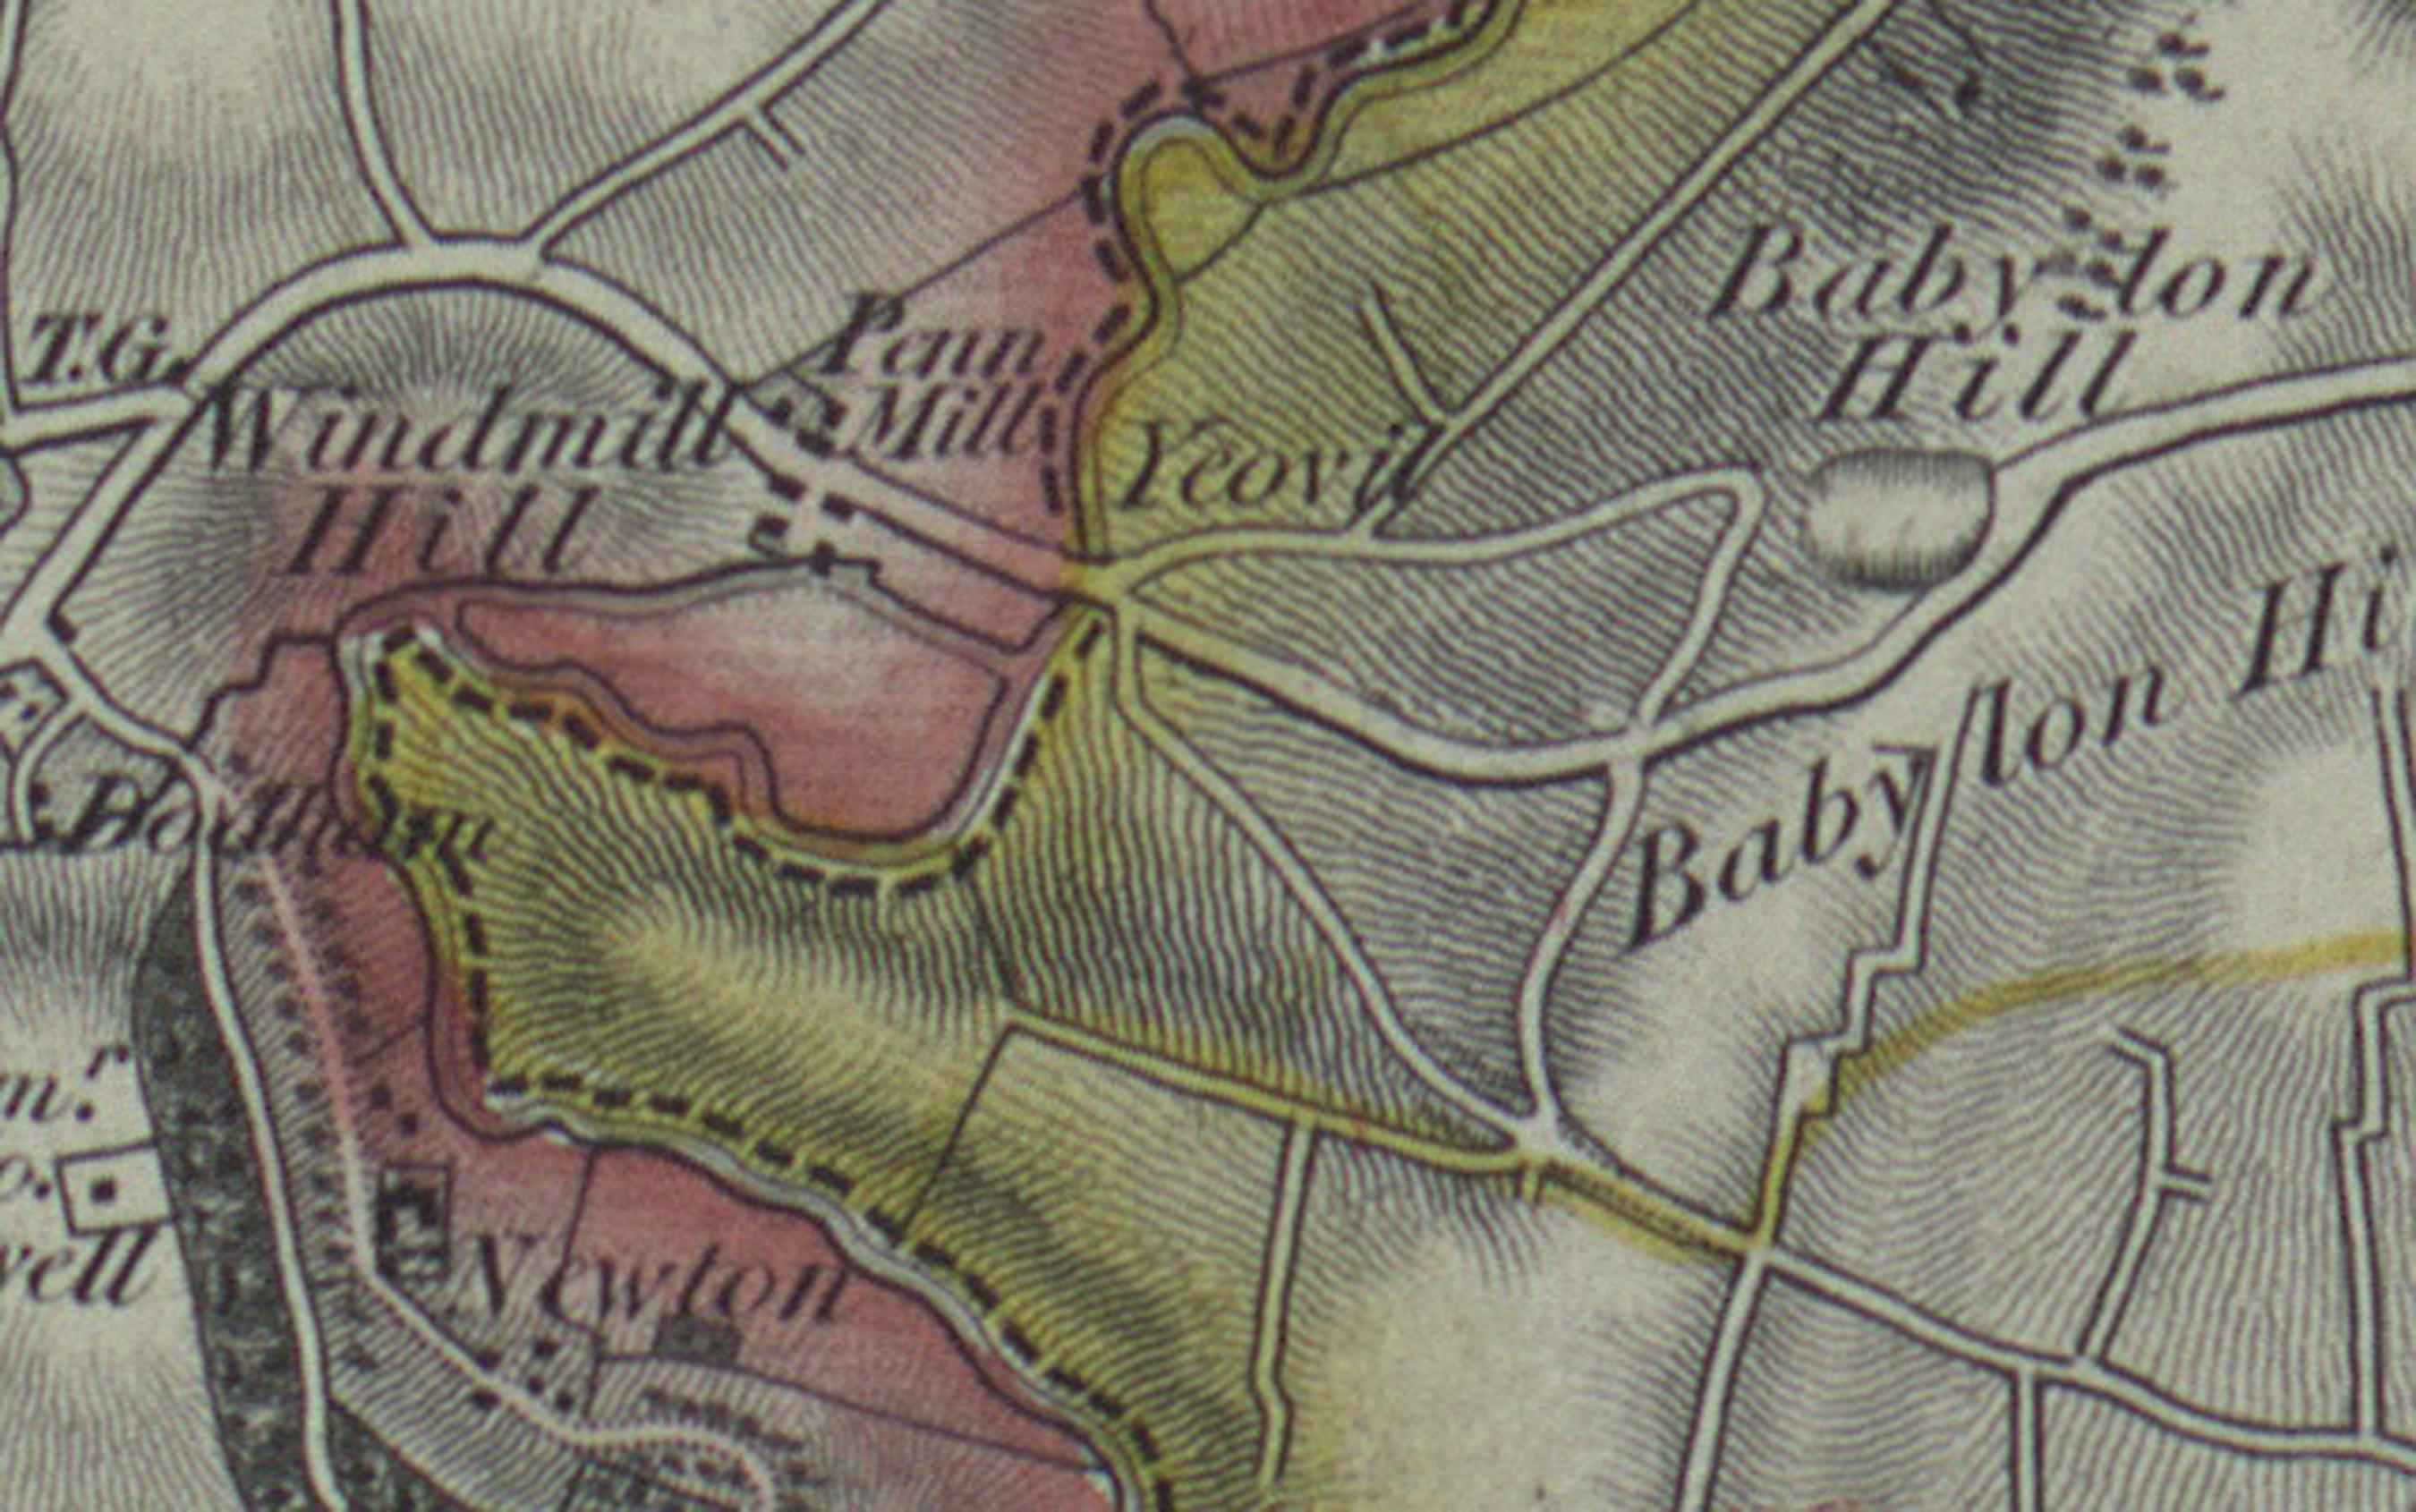 Sherborne_1830_1840 Babylon Hill section